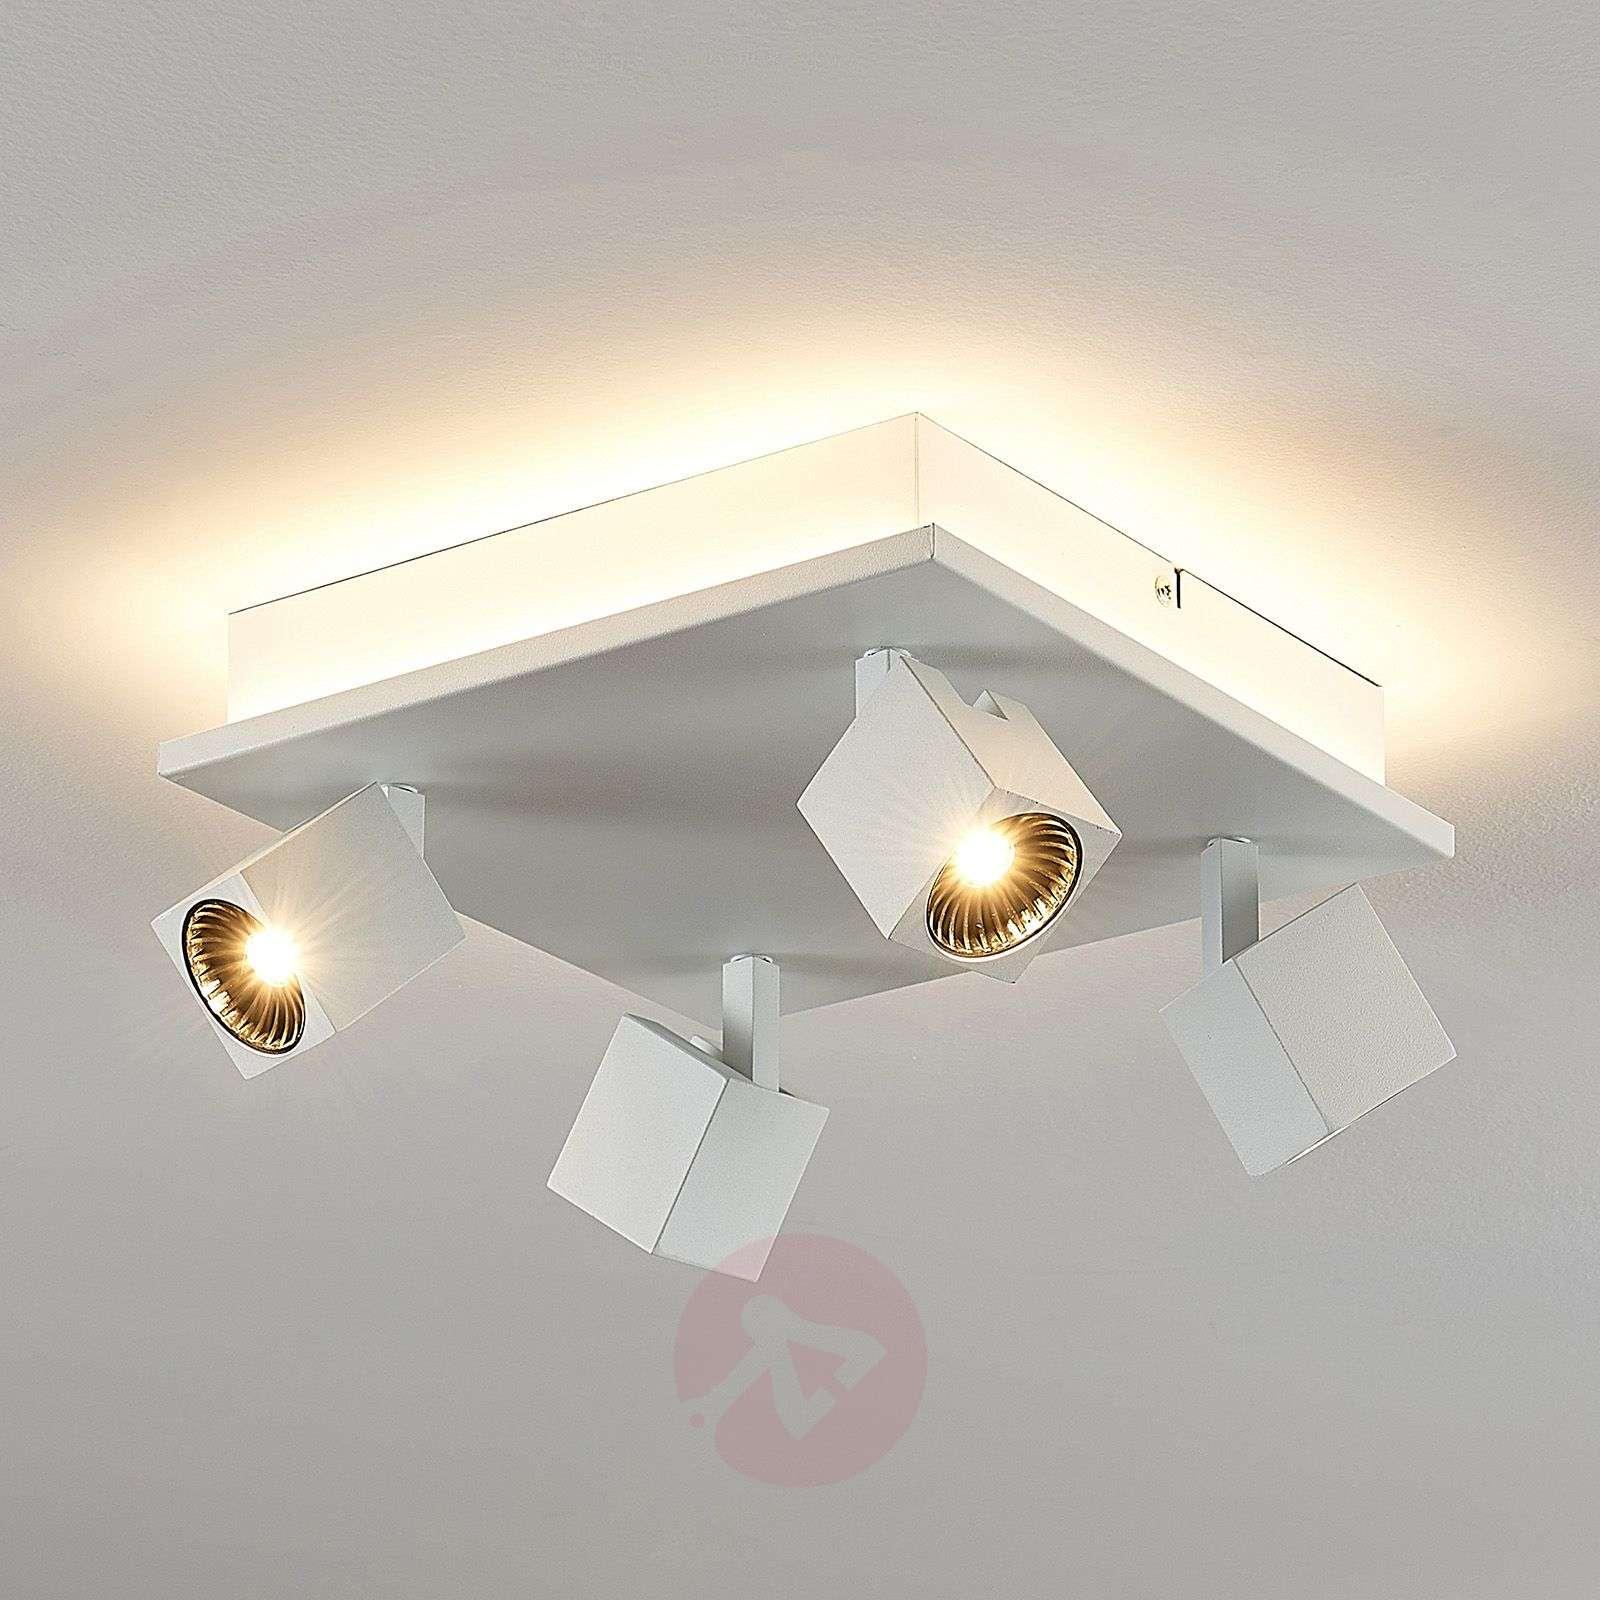 LED-kattovalaisin Taly, 4 kohdevalaisinta, neliö-8032167-02